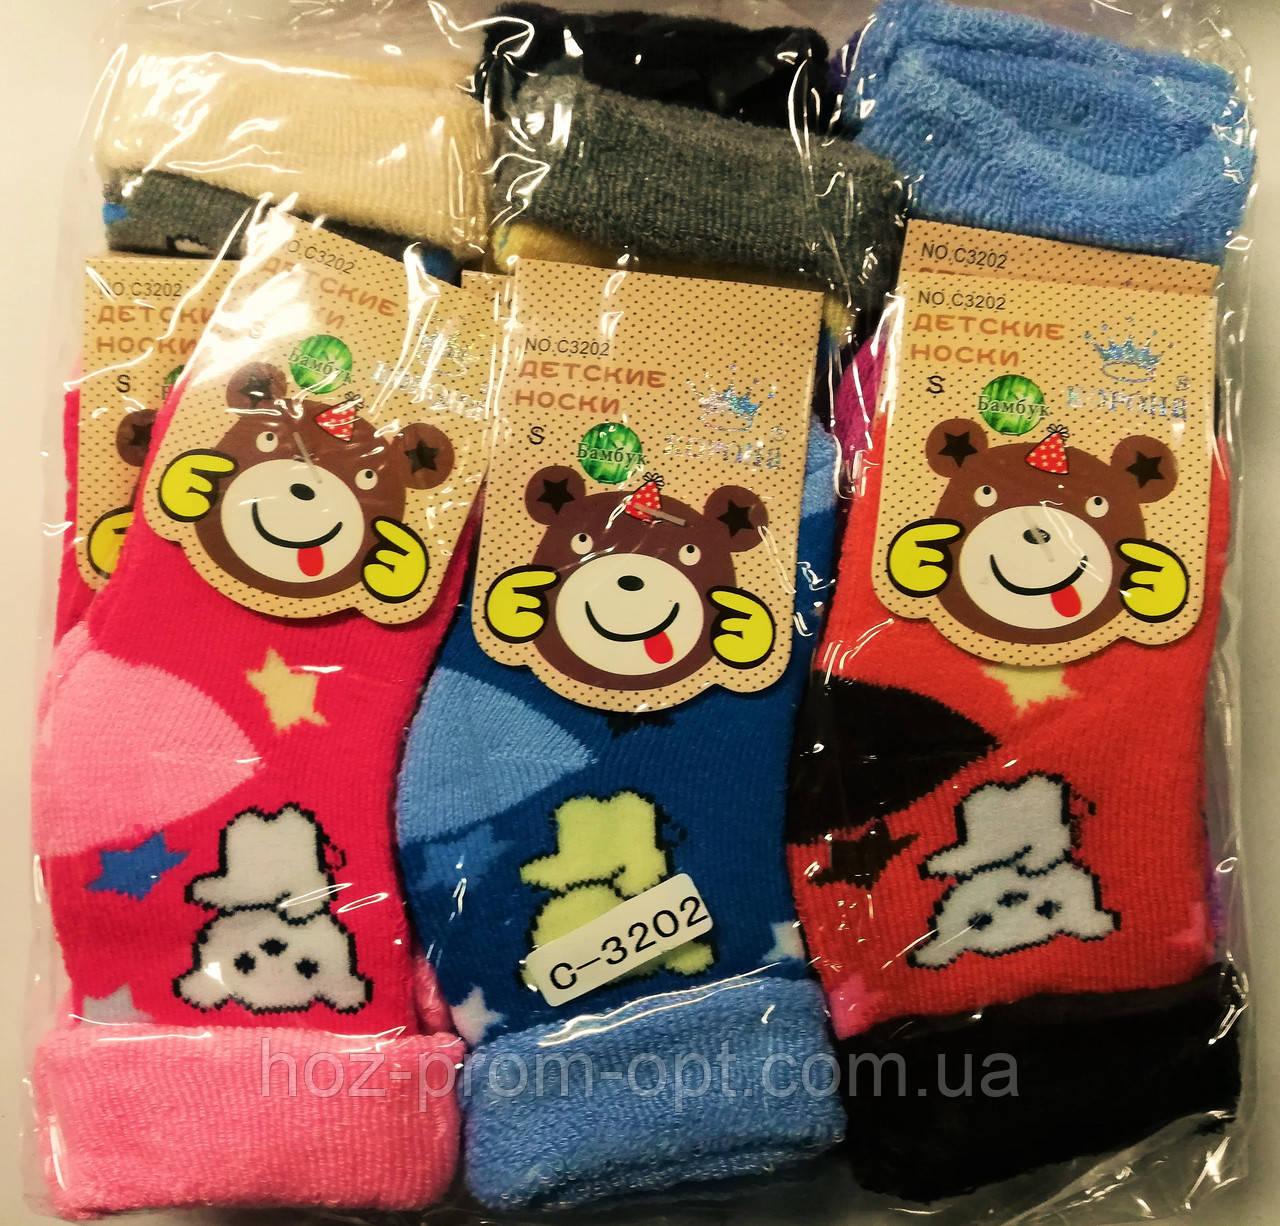 Шкарпетки махрові, теплі, 0-3 роки.